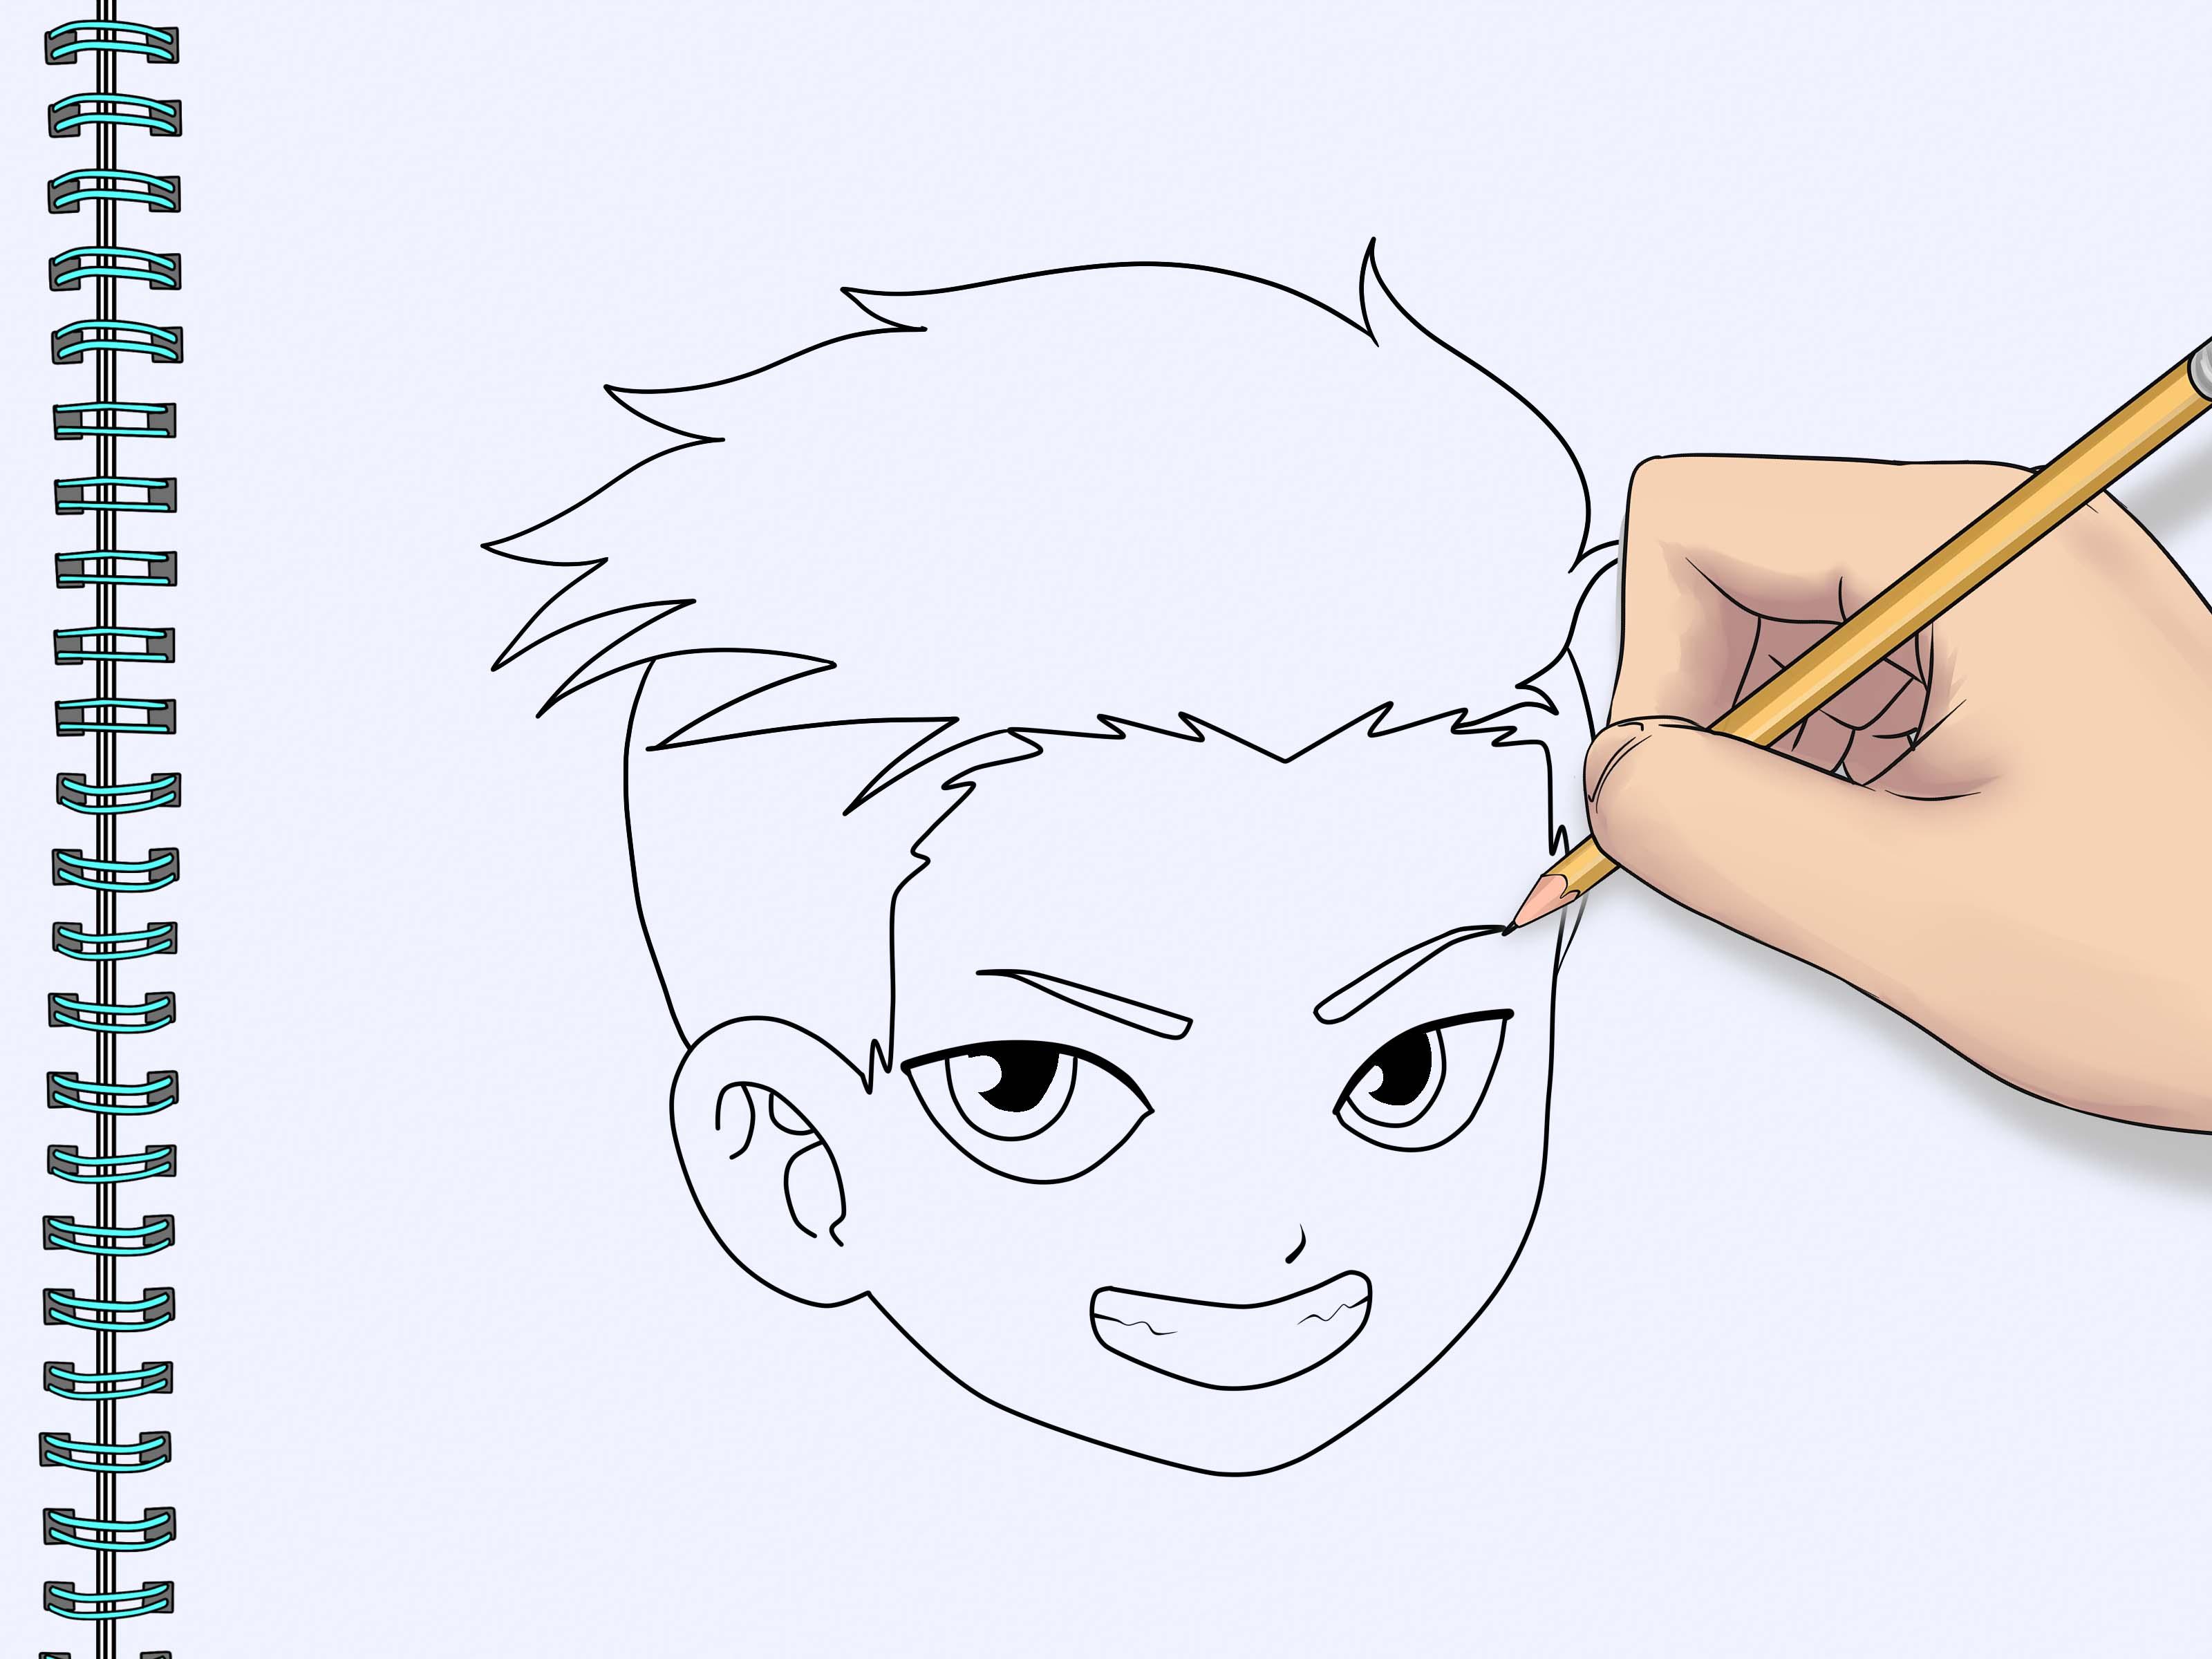 3200x2400 Couple Cartoon Drawing Drawing Cartoons And Comics